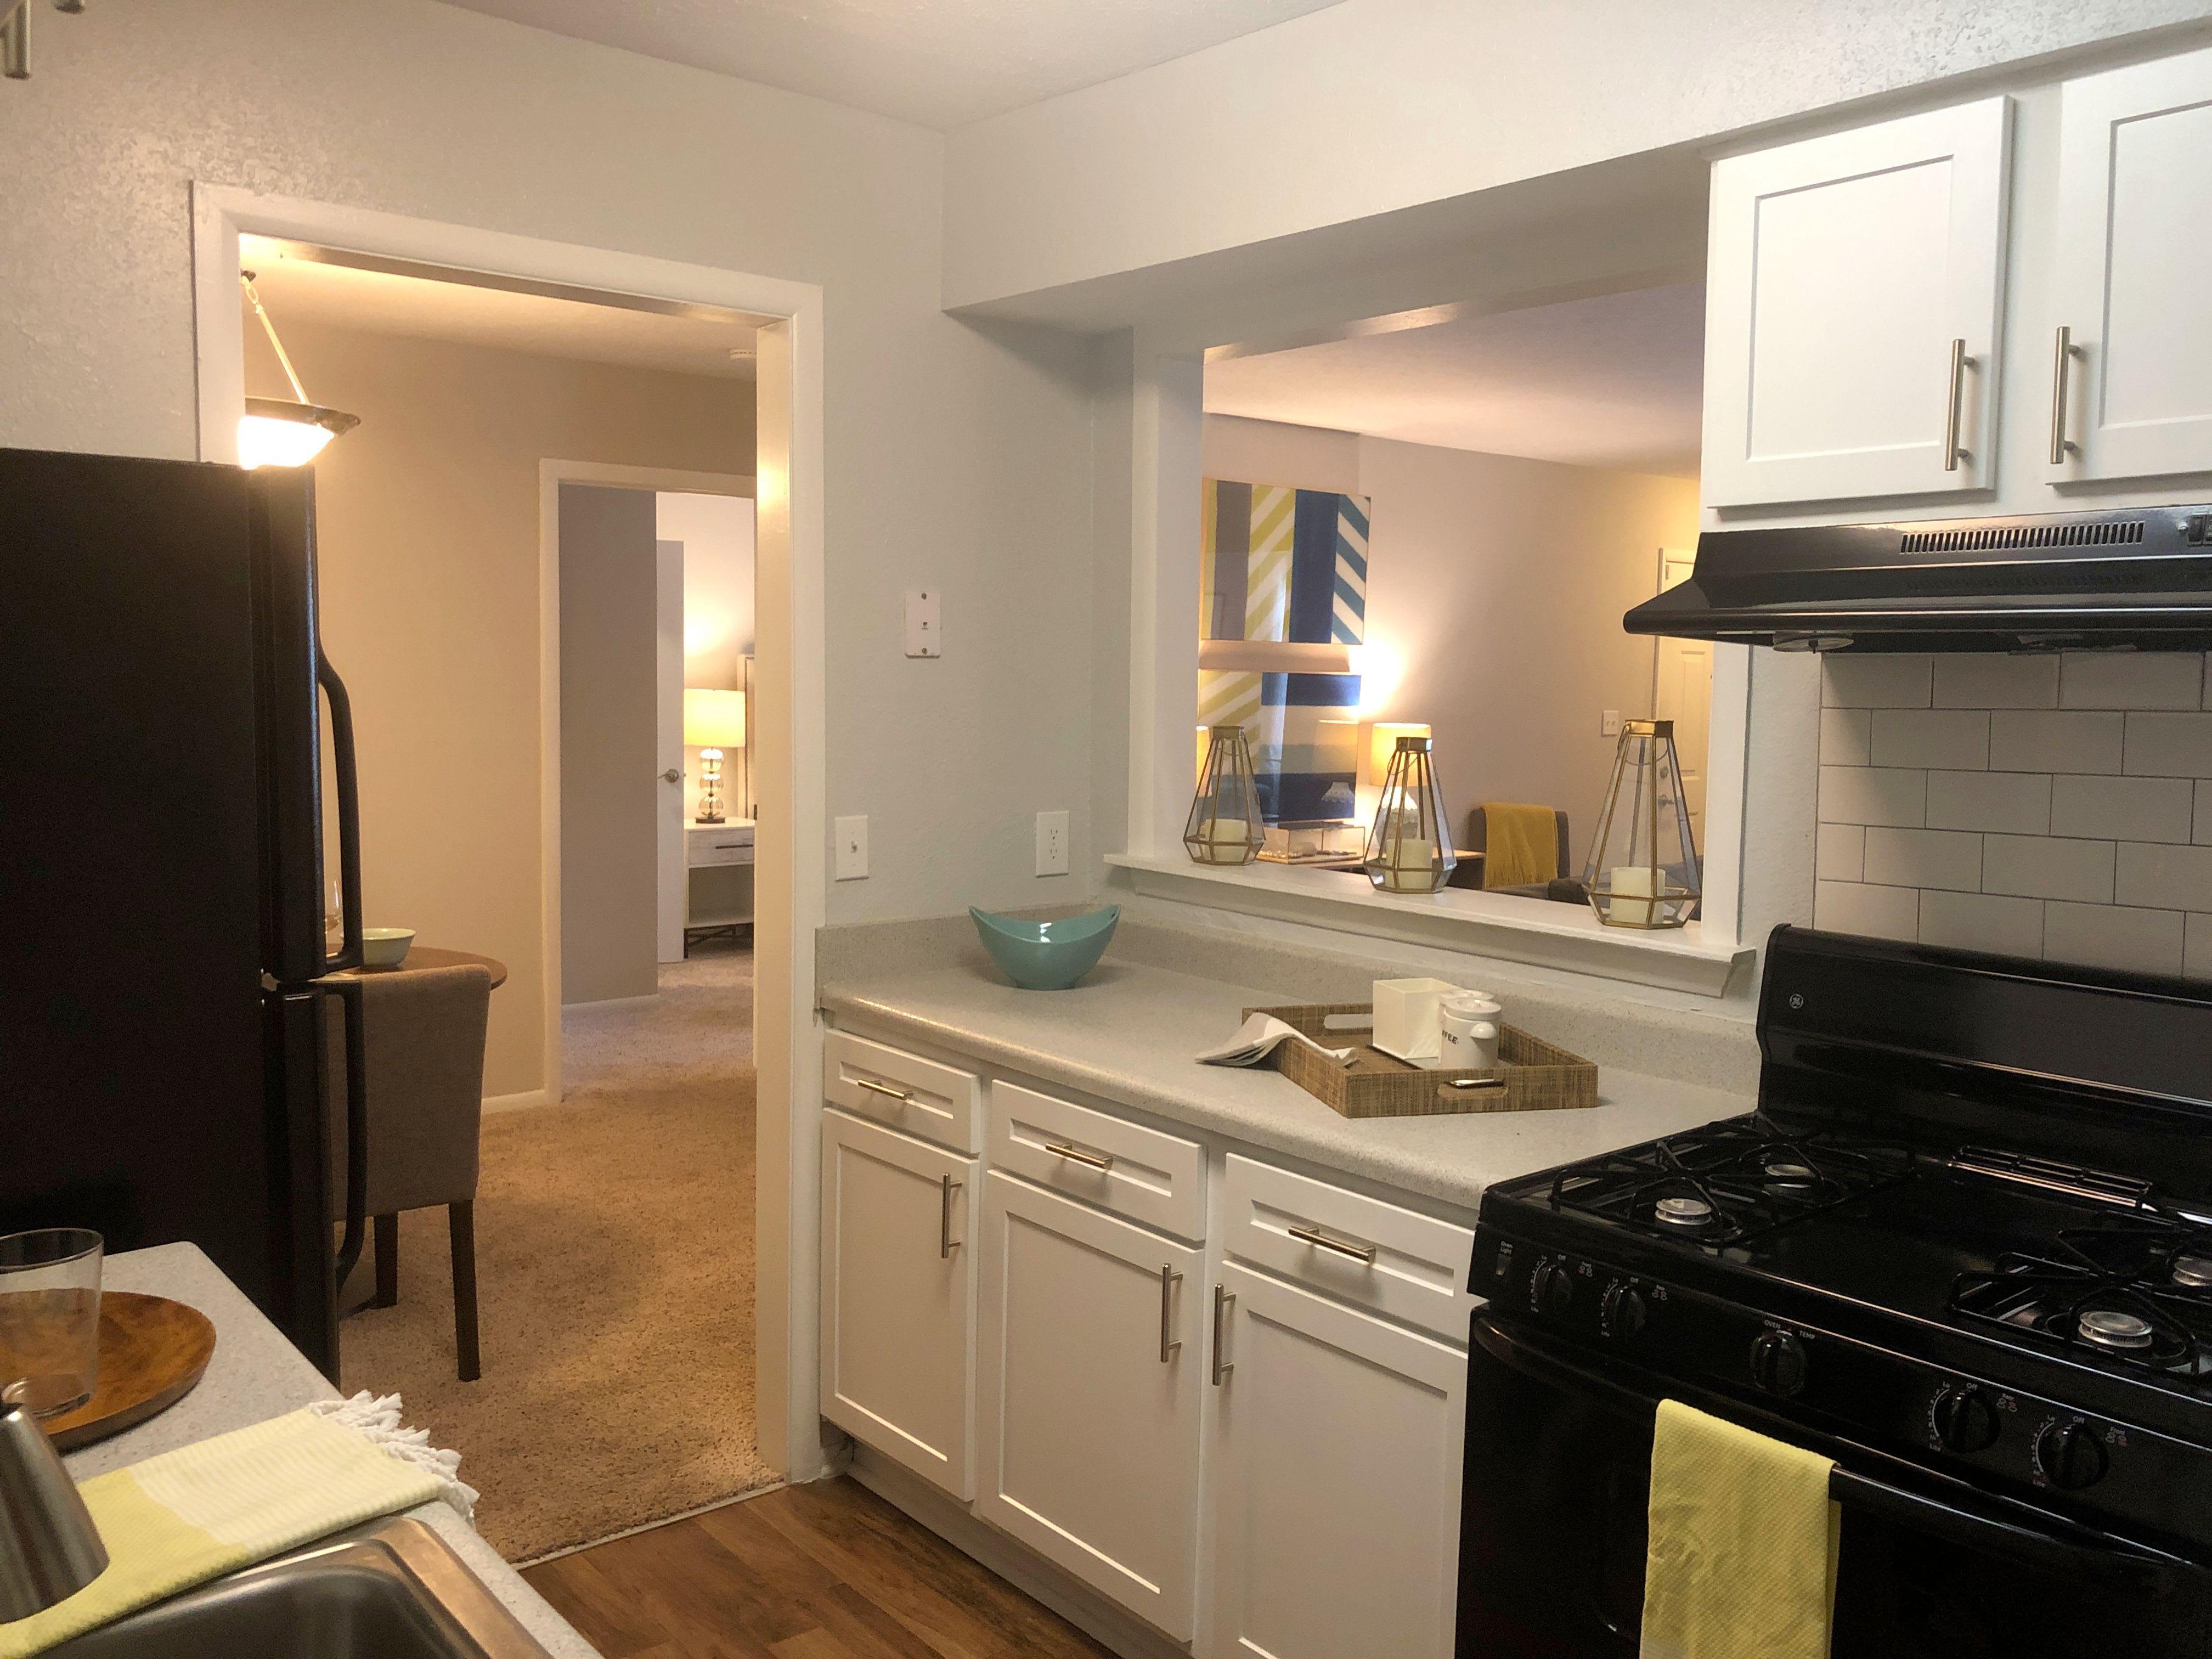 Renovated kitchens at apartments in Charlotte, North Carolina